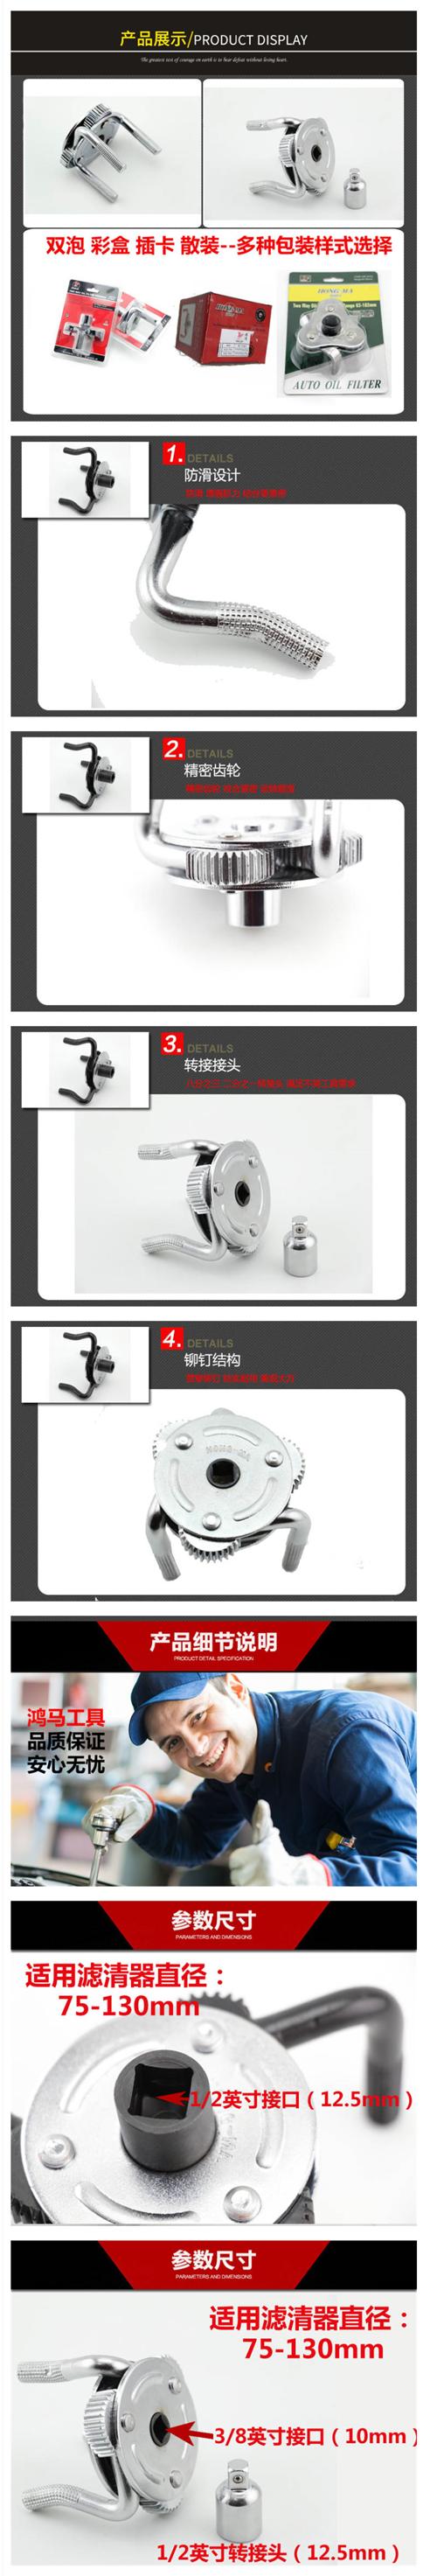 圆脚三爪机油格 滤清器机滤扳手 汽车滤芯拆装工具 可调大小-汽配易购网.png